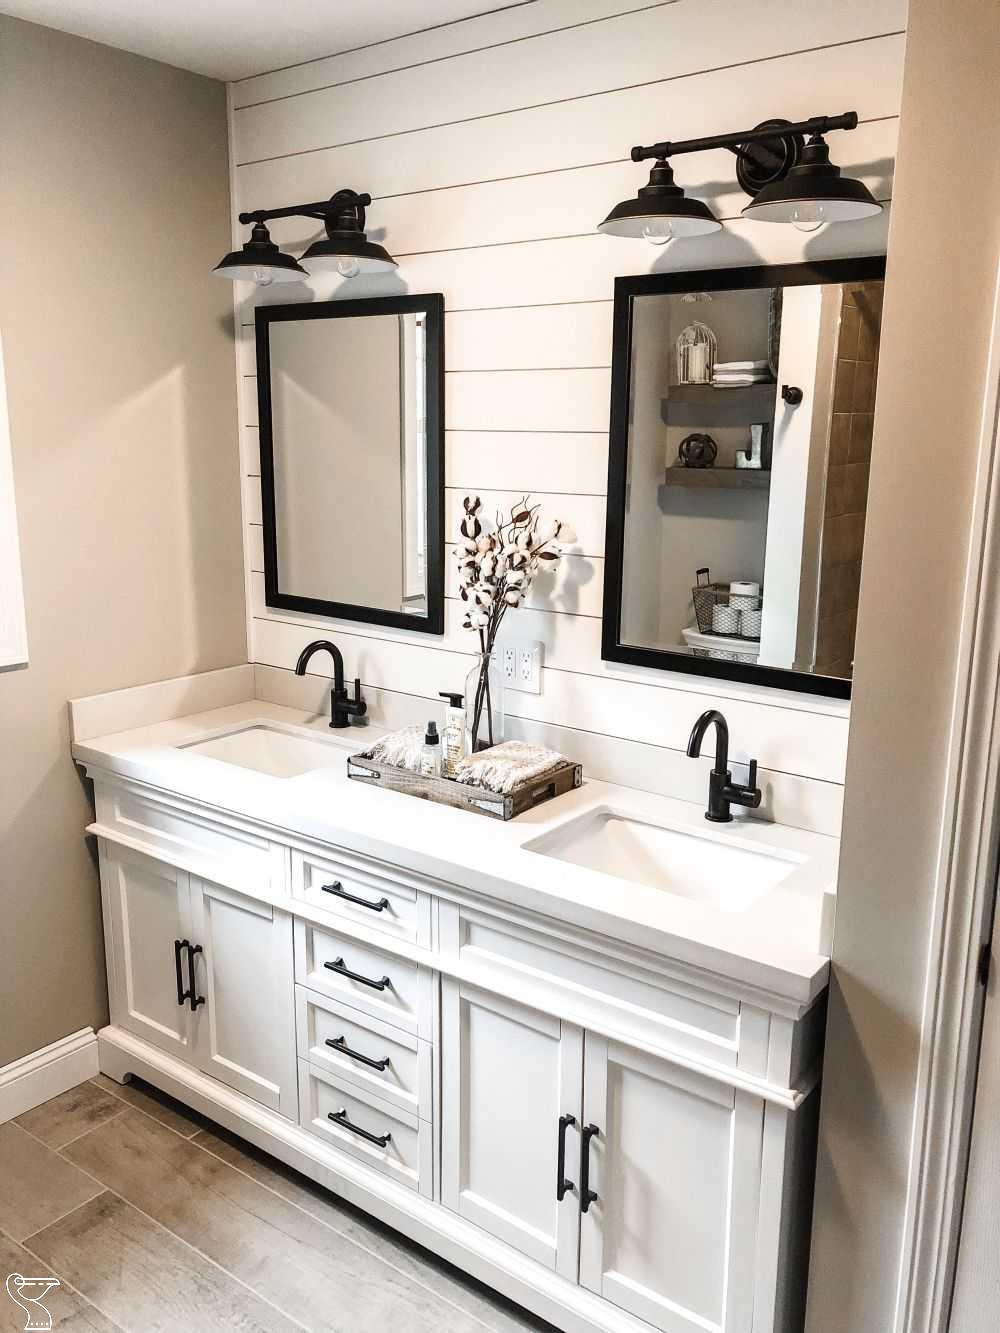 modern farmhouse bathroom remodel in 2020 modern on bathroom renovation ideas modern id=36718